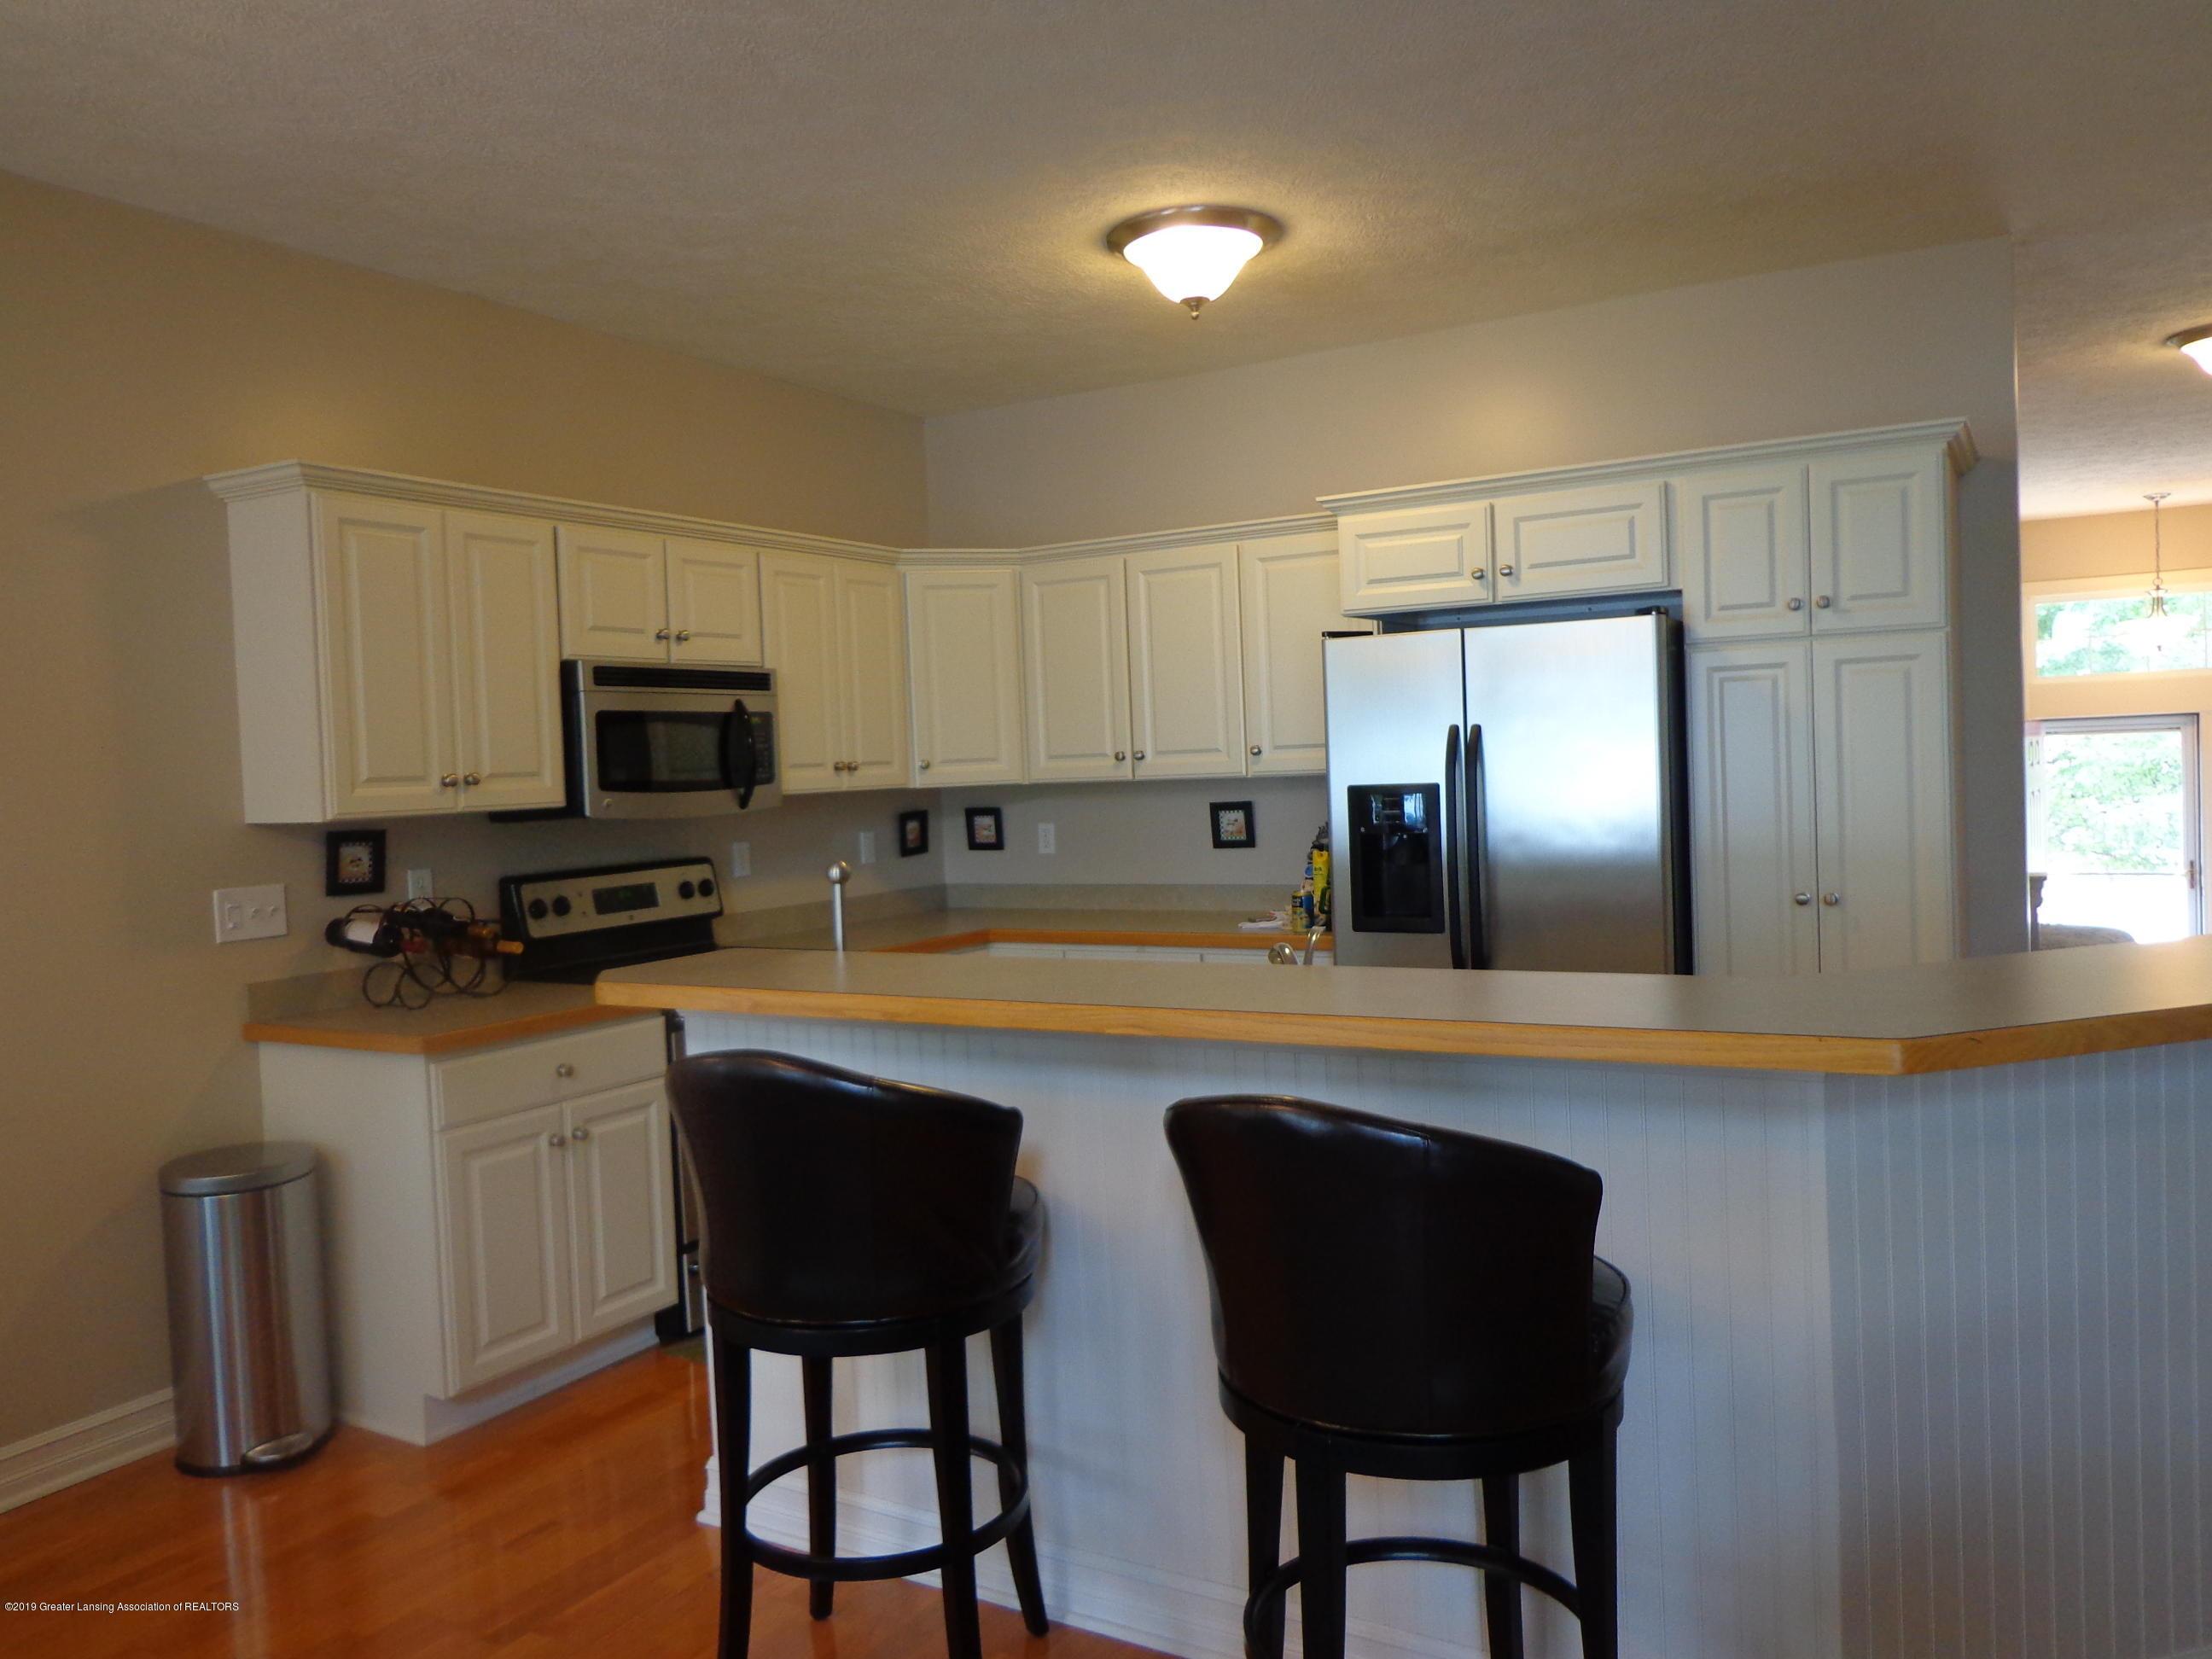 6230 Hilltop Ct 6 - kitchen 1 - 7